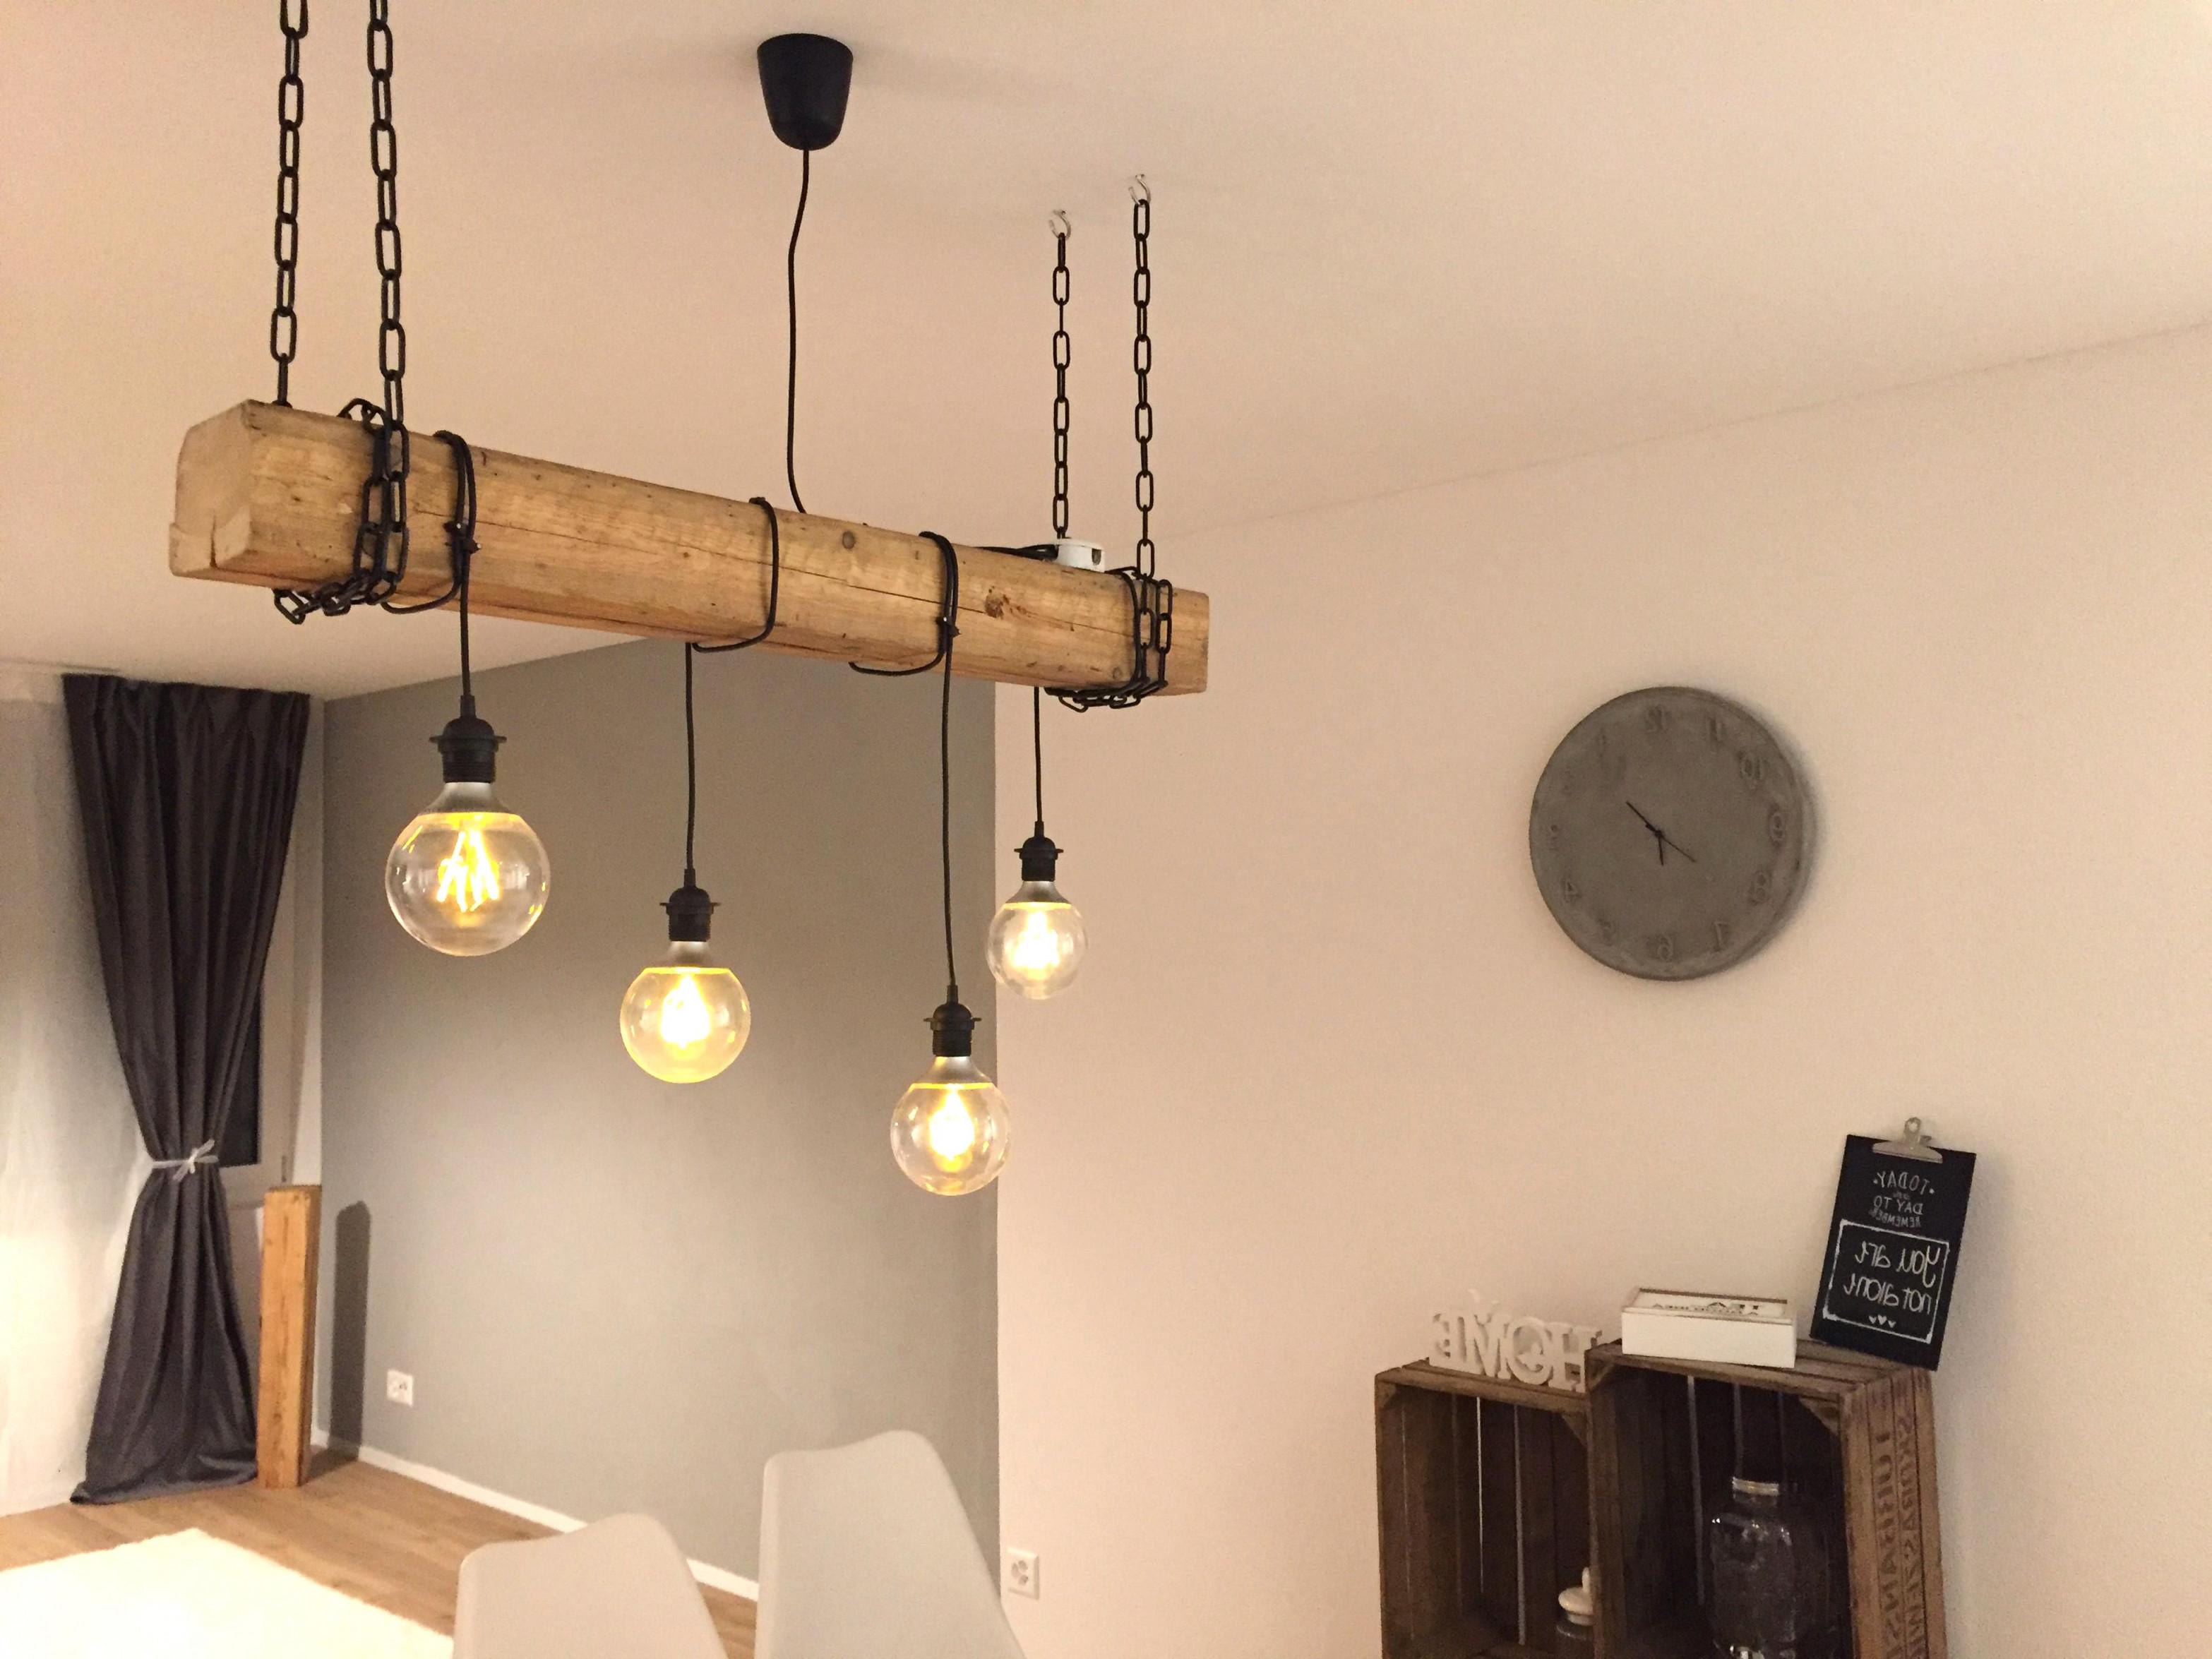 Deckenlampe Esstisch Landhausstil – Caseconrad von Wohnzimmer Lampe Rustikal Photo